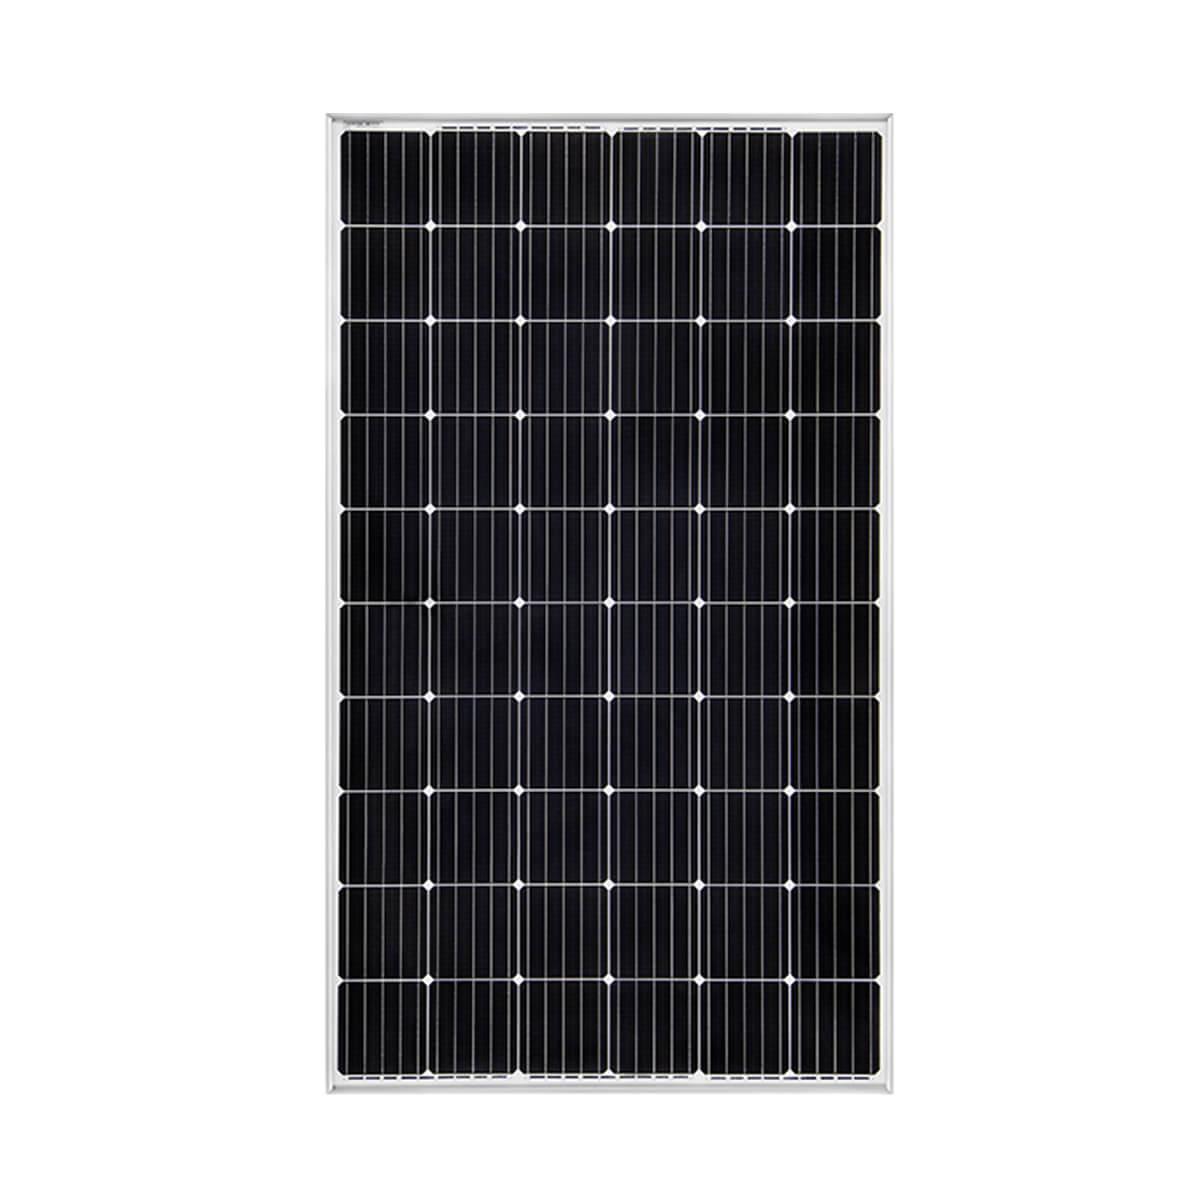 plurawatt 330W panel, plurawatt 330Watt panel, plurawatt 330 W panel, plurawatt 330 Watt panel, plurawatt 330 Watt monokristal panel, plurawatt 330 W watt gunes paneli, plurawatt 330 W watt monokristal gunes paneli, plurawatt 330 W Watt fotovoltaik monokristal solar panel, plurawatt 330W monokristal gunes enerjisi, plurawatt dc-l60-330W panel, PLURAWATT 330 WATT